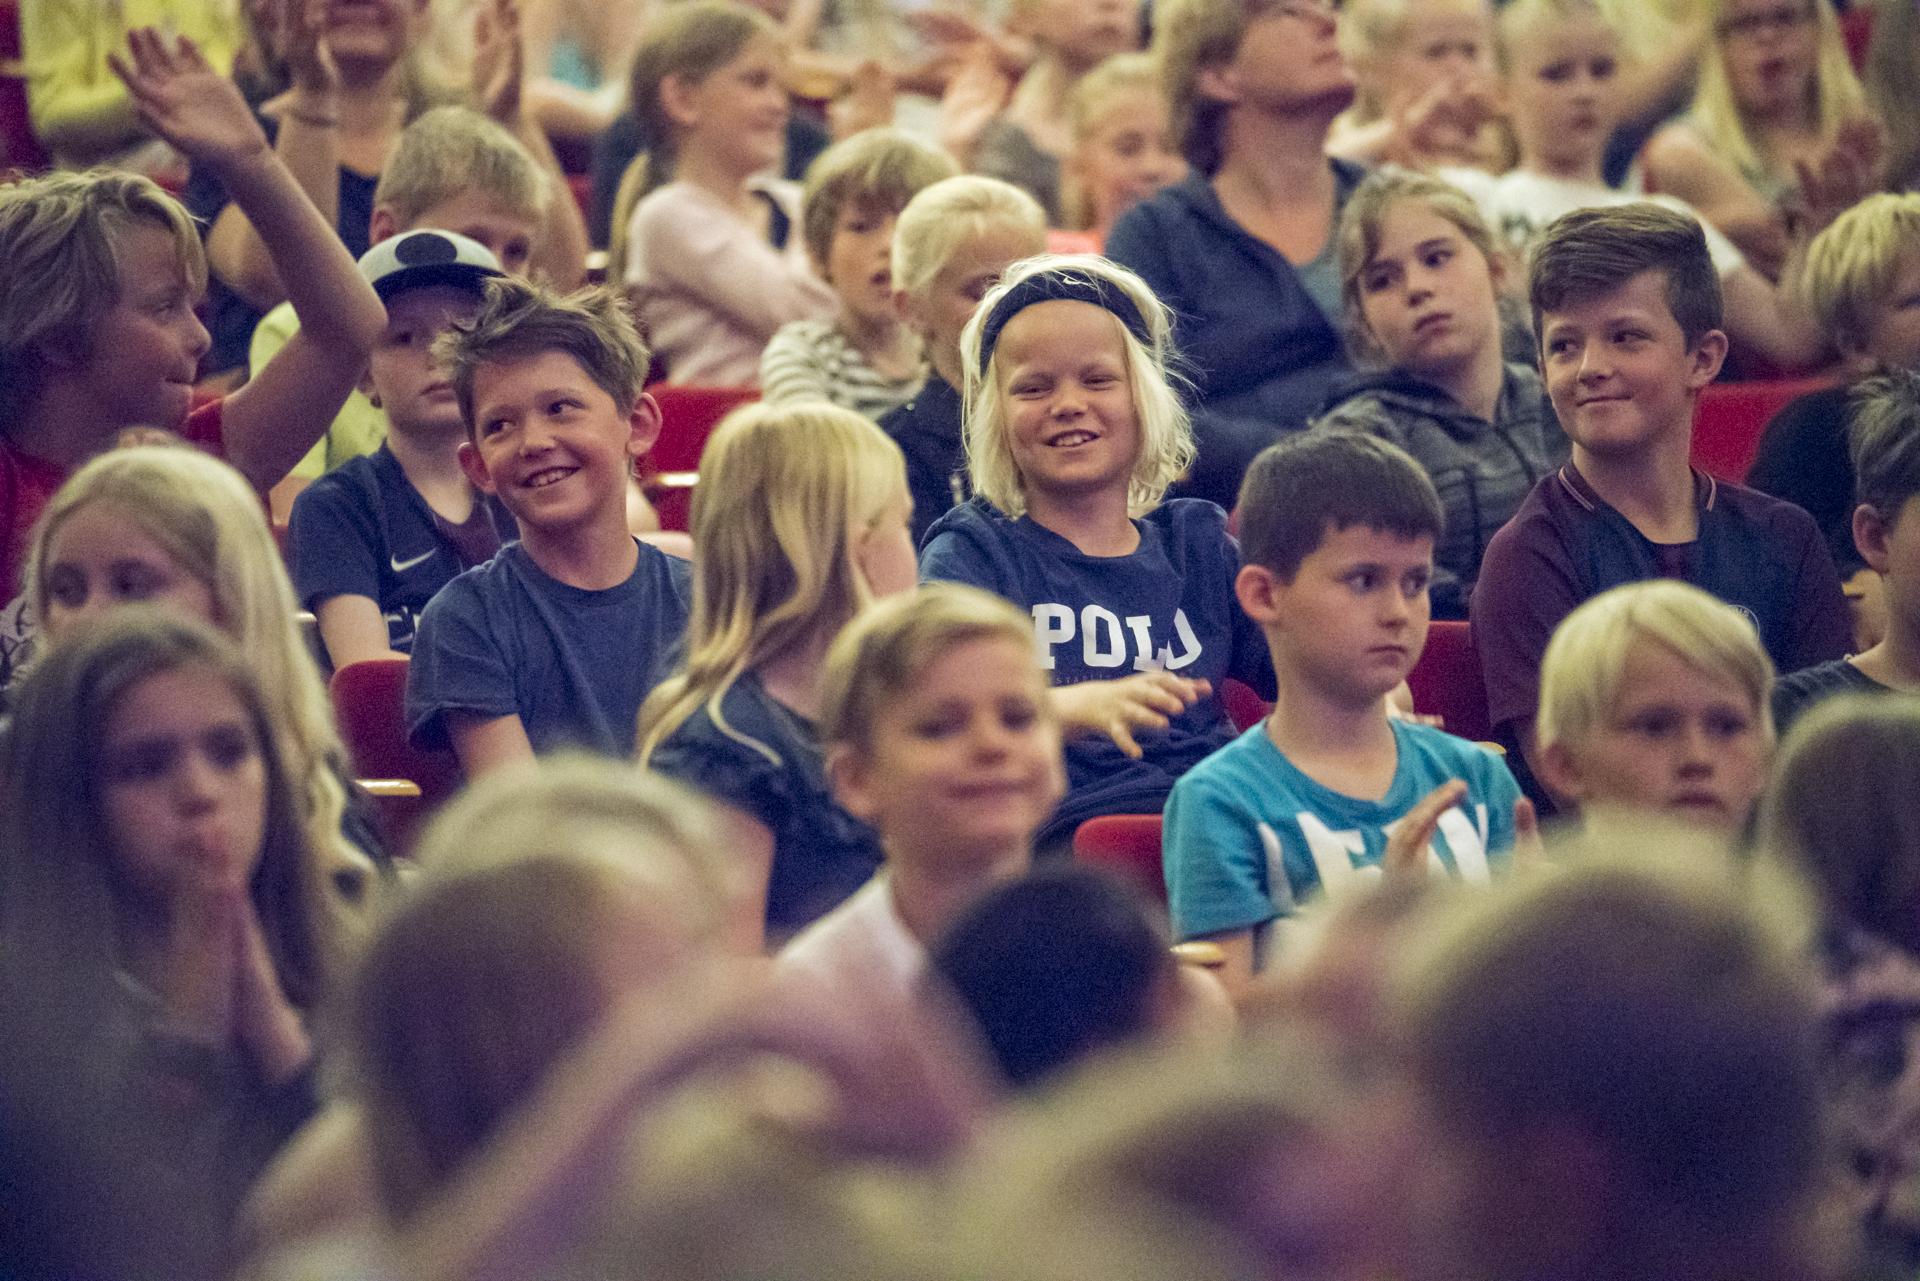 Sløngeldage fredag - web- Fotograf Per Bille-03242.JPG